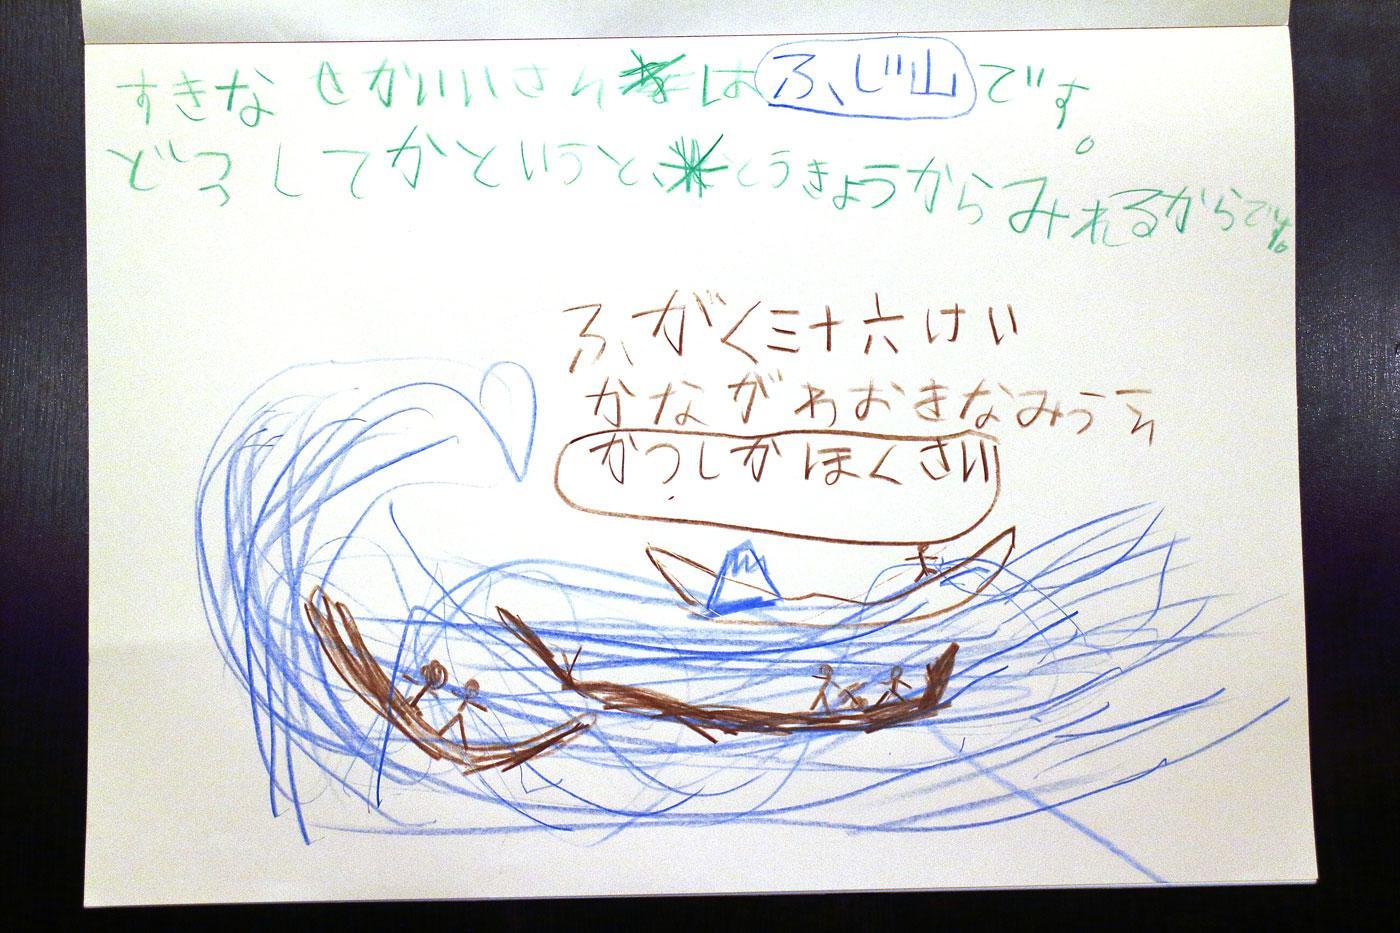 世界遺産「富士山-信仰の対象と芸術の源泉」葛飾北斎「富嶽三十六景-神奈川沖浪裏」